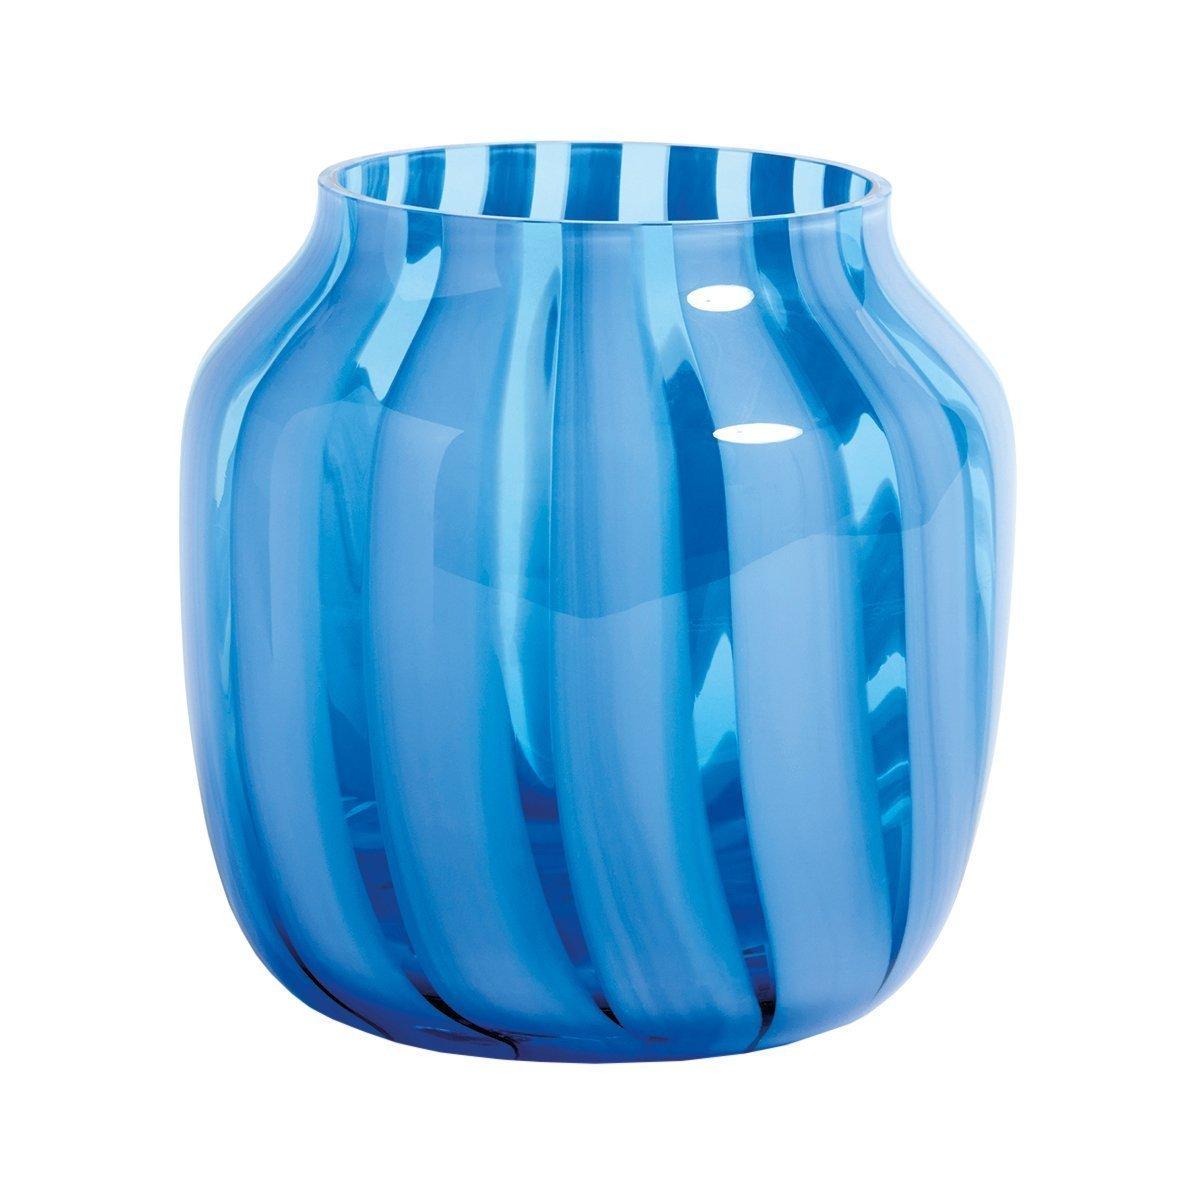 HAY Juice Vaas Blauw Wide - Kristine Five Melv�r